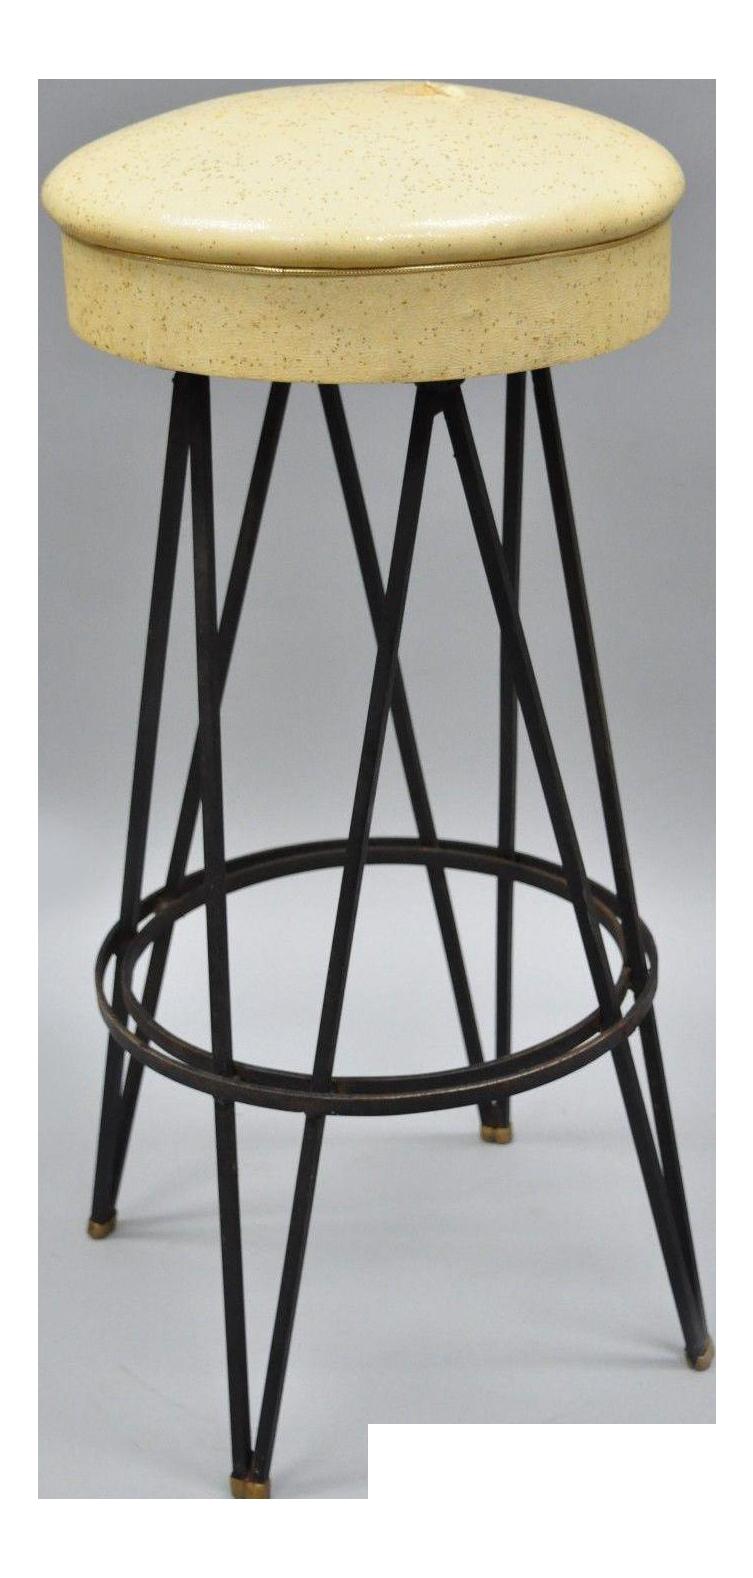 Image of: Vintage Wrought Iron Metal Hairpin Leg Atomic Era Swivel Bar Stool Chairish